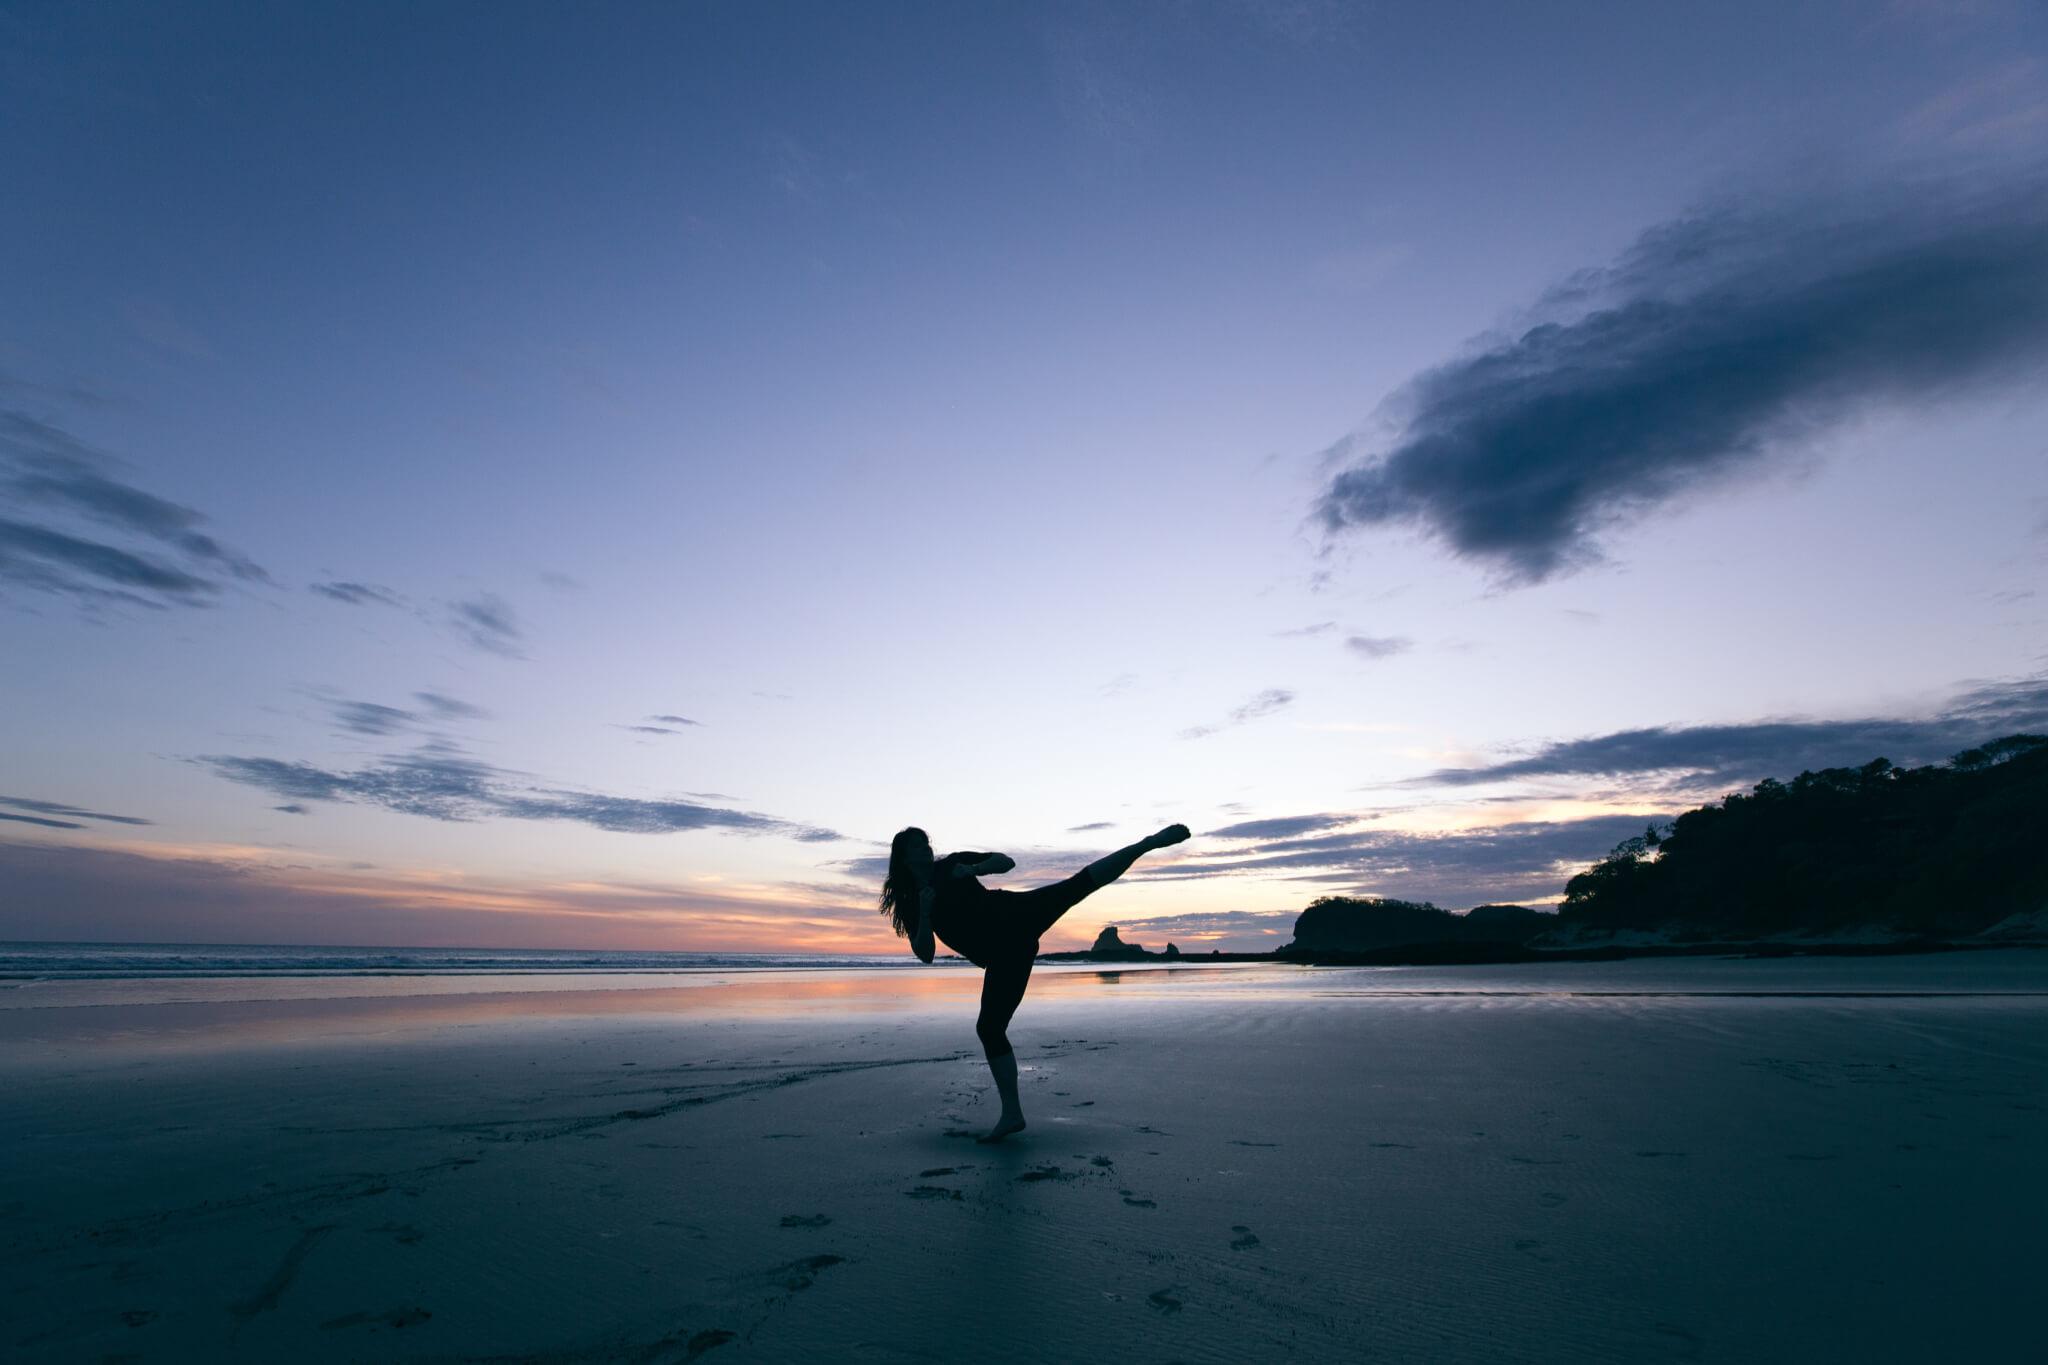 Eine Frau im Sand in Kampfpose